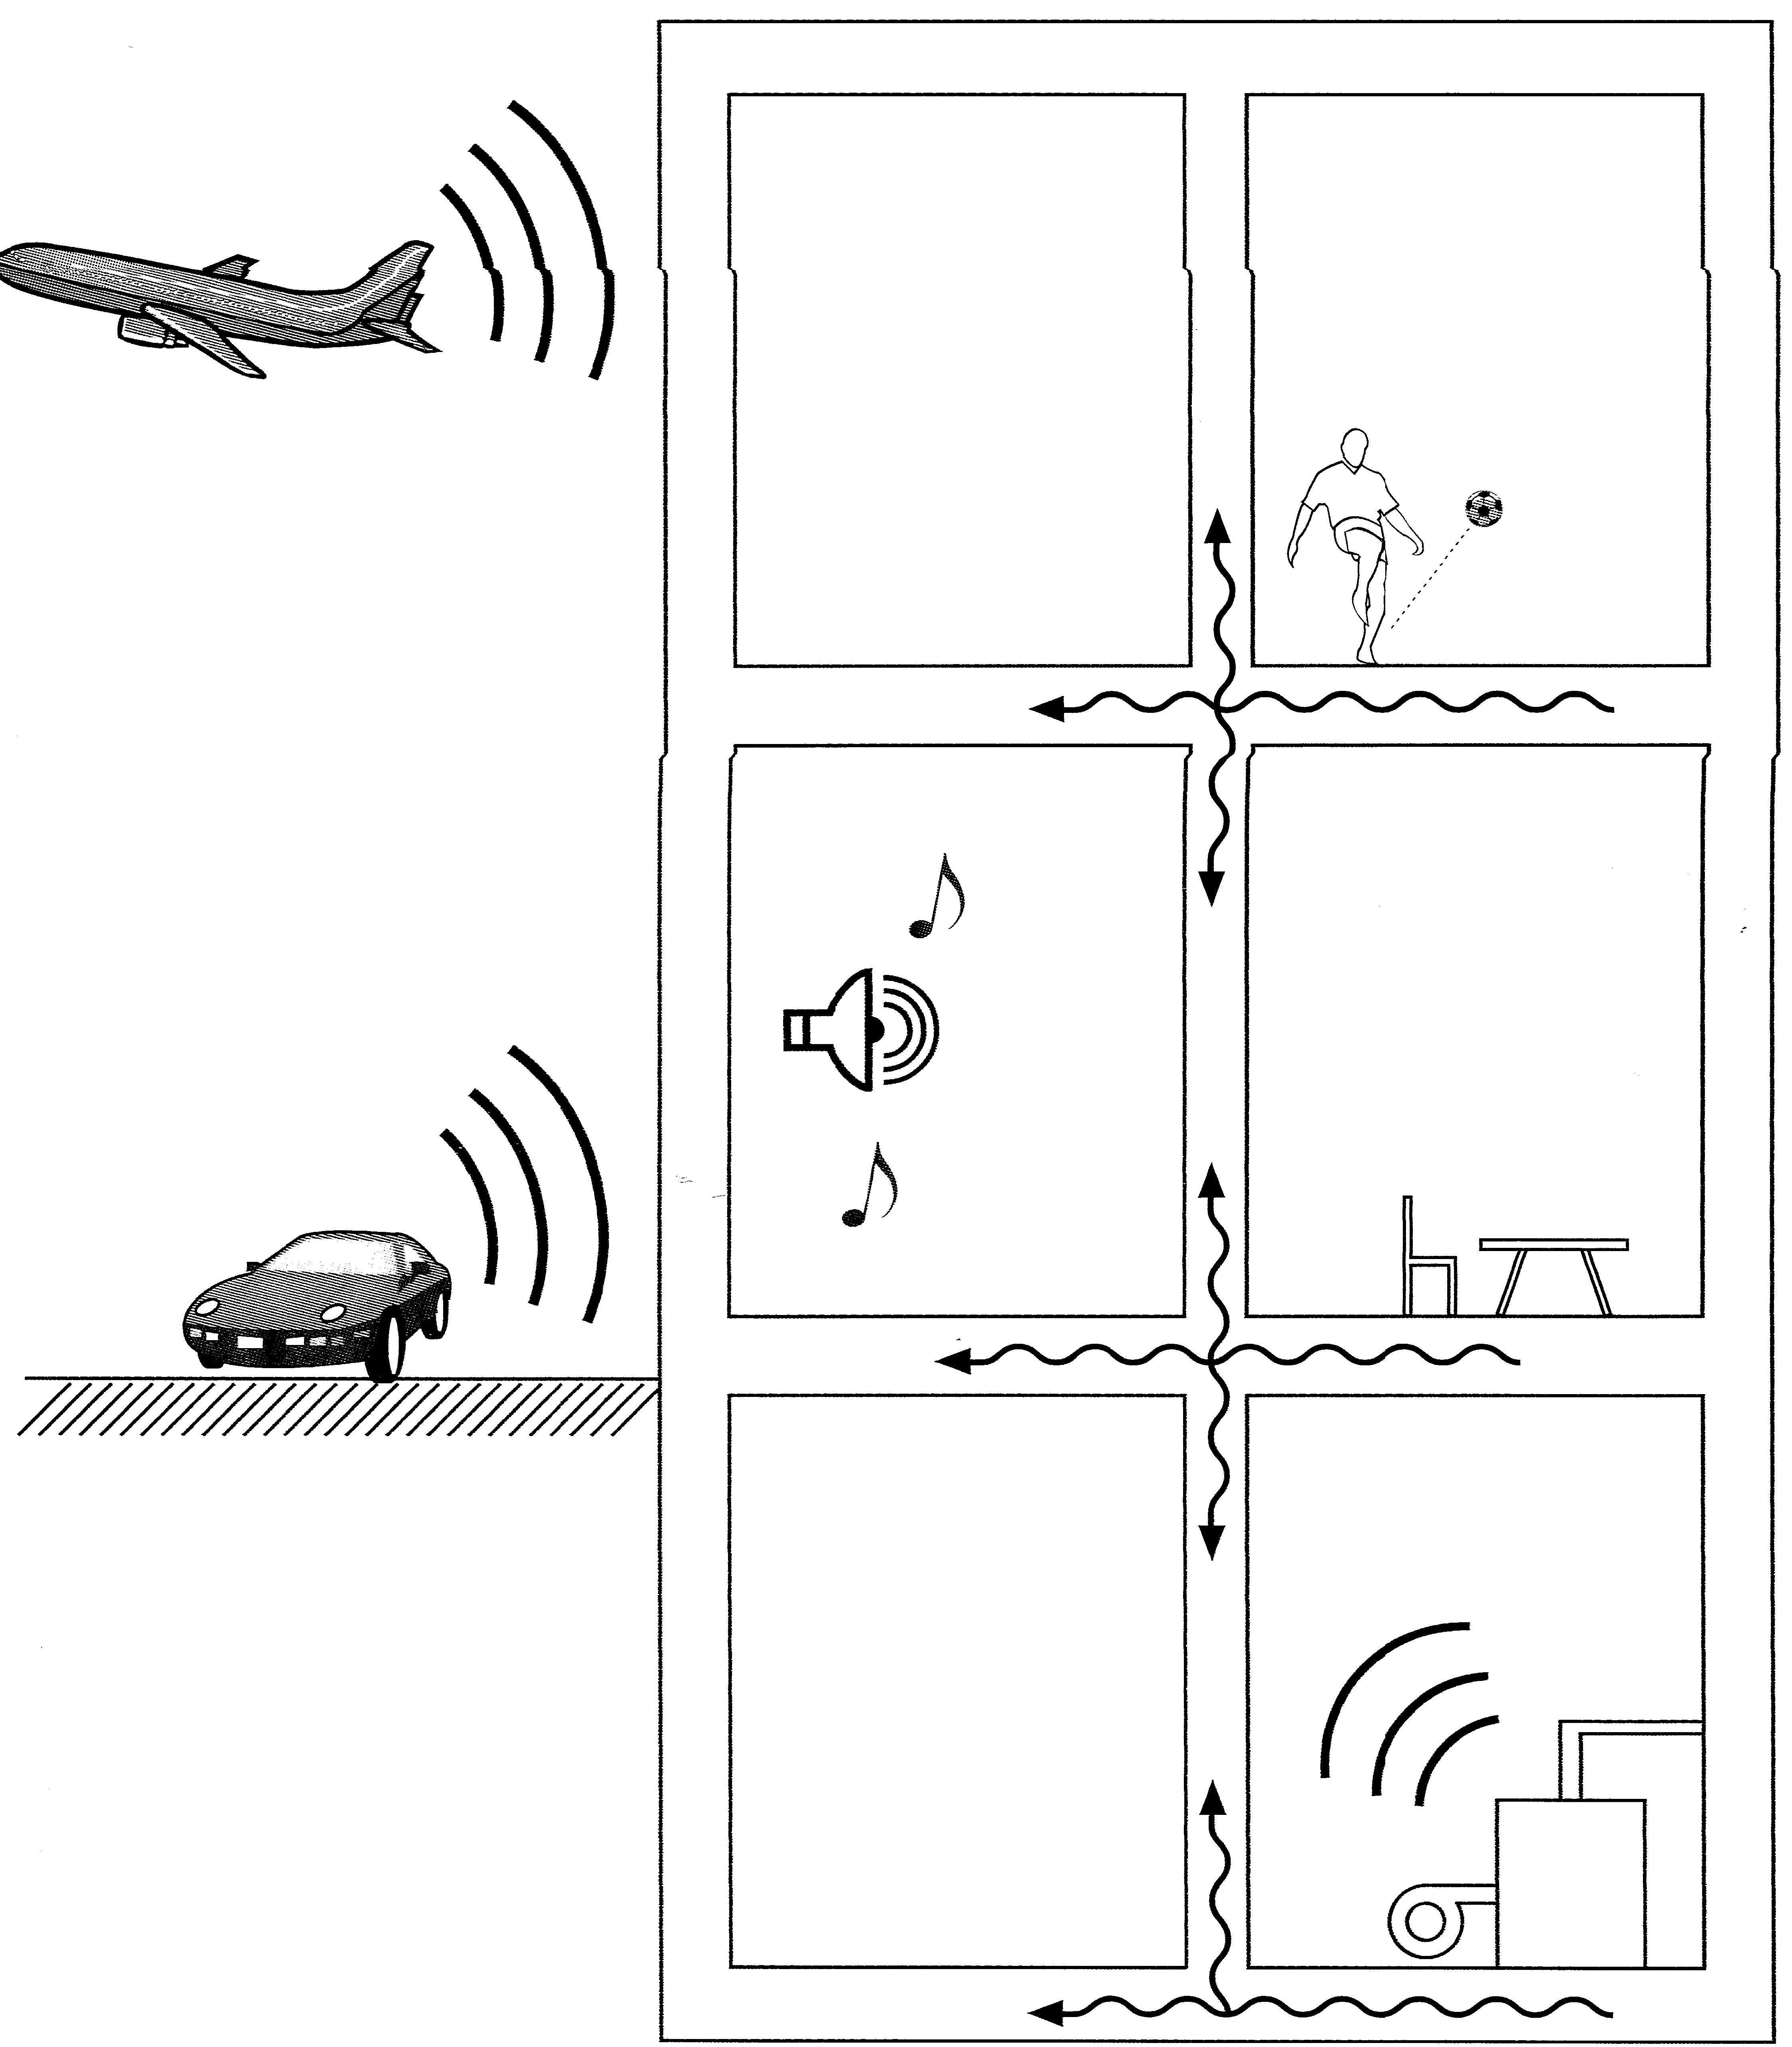 Γενικοί κανόνες προστασίας από θορύβους στις κατοικίες